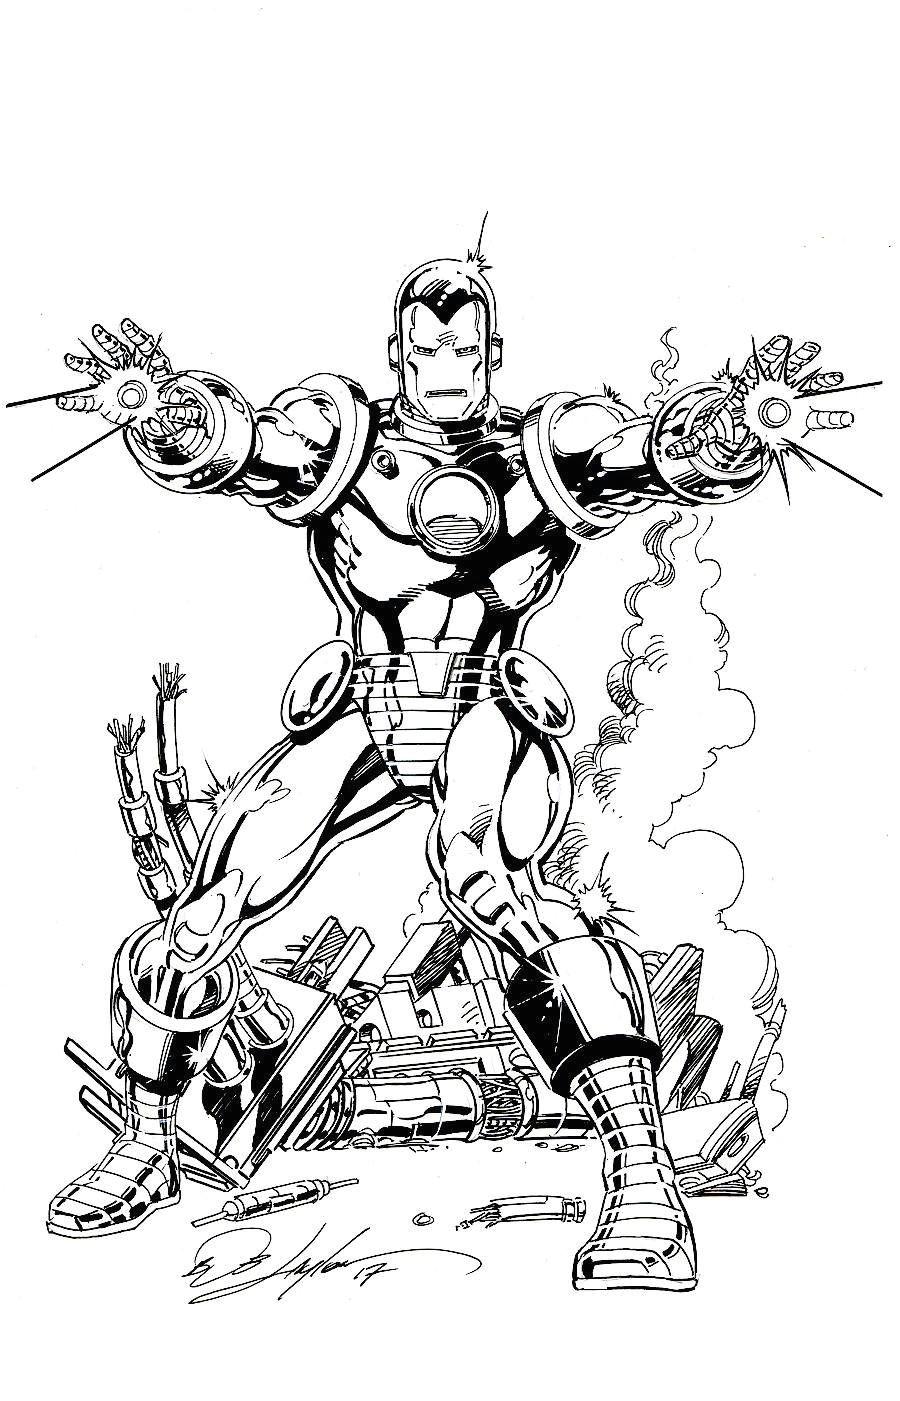 iron man by bob layton livros marvel comics vingadores da marvel arte em quadrinhos